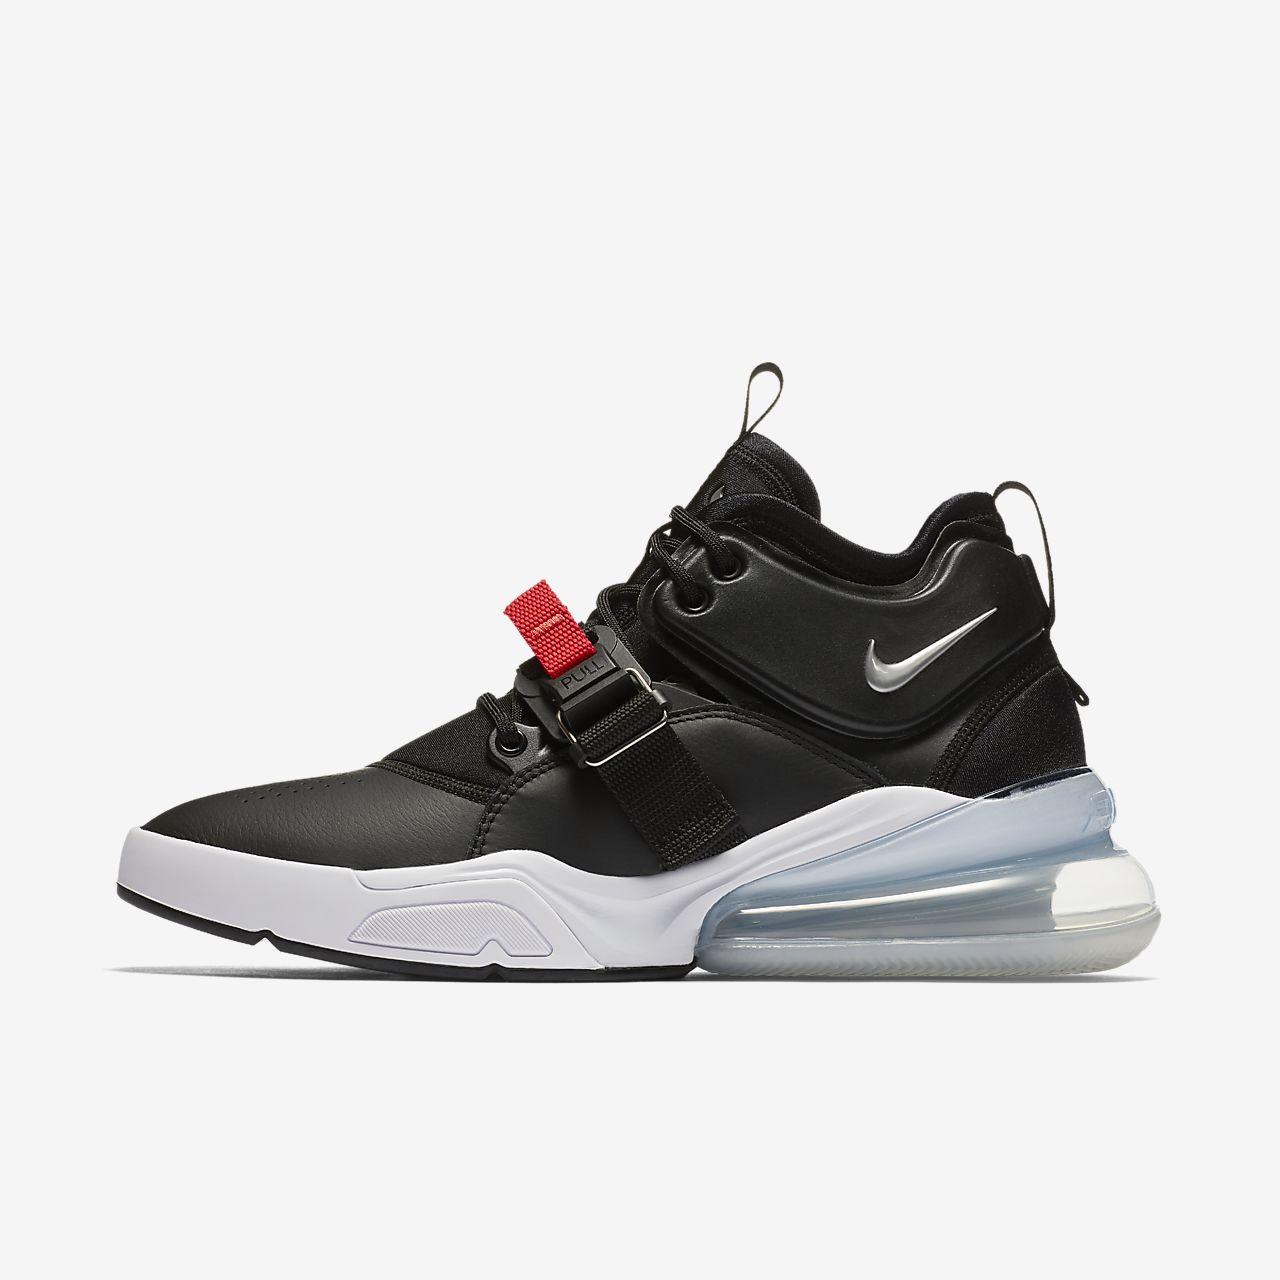 ... Nike Air Force 270 Men's Shoe